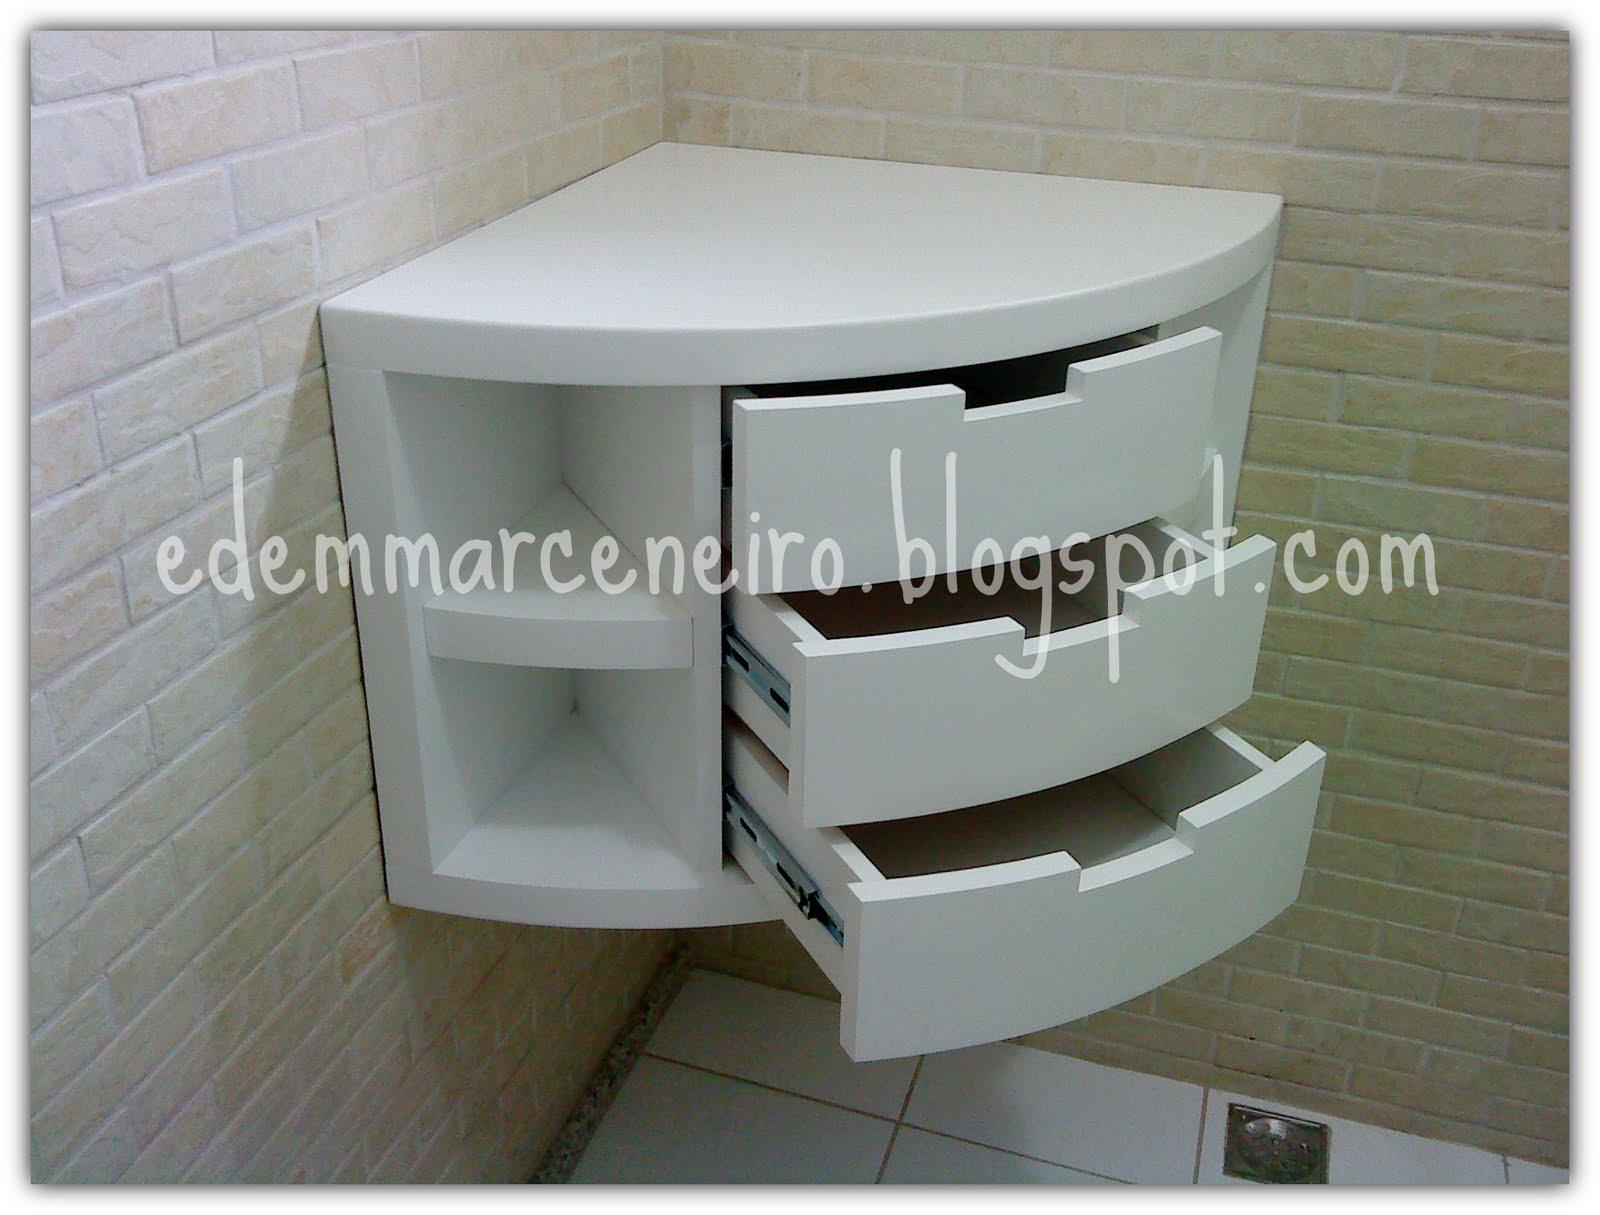 Esse aqui é um armário de canto acho que seria uma ótima #373529 1600x1215 Armarinho De Banheiro De Vidro